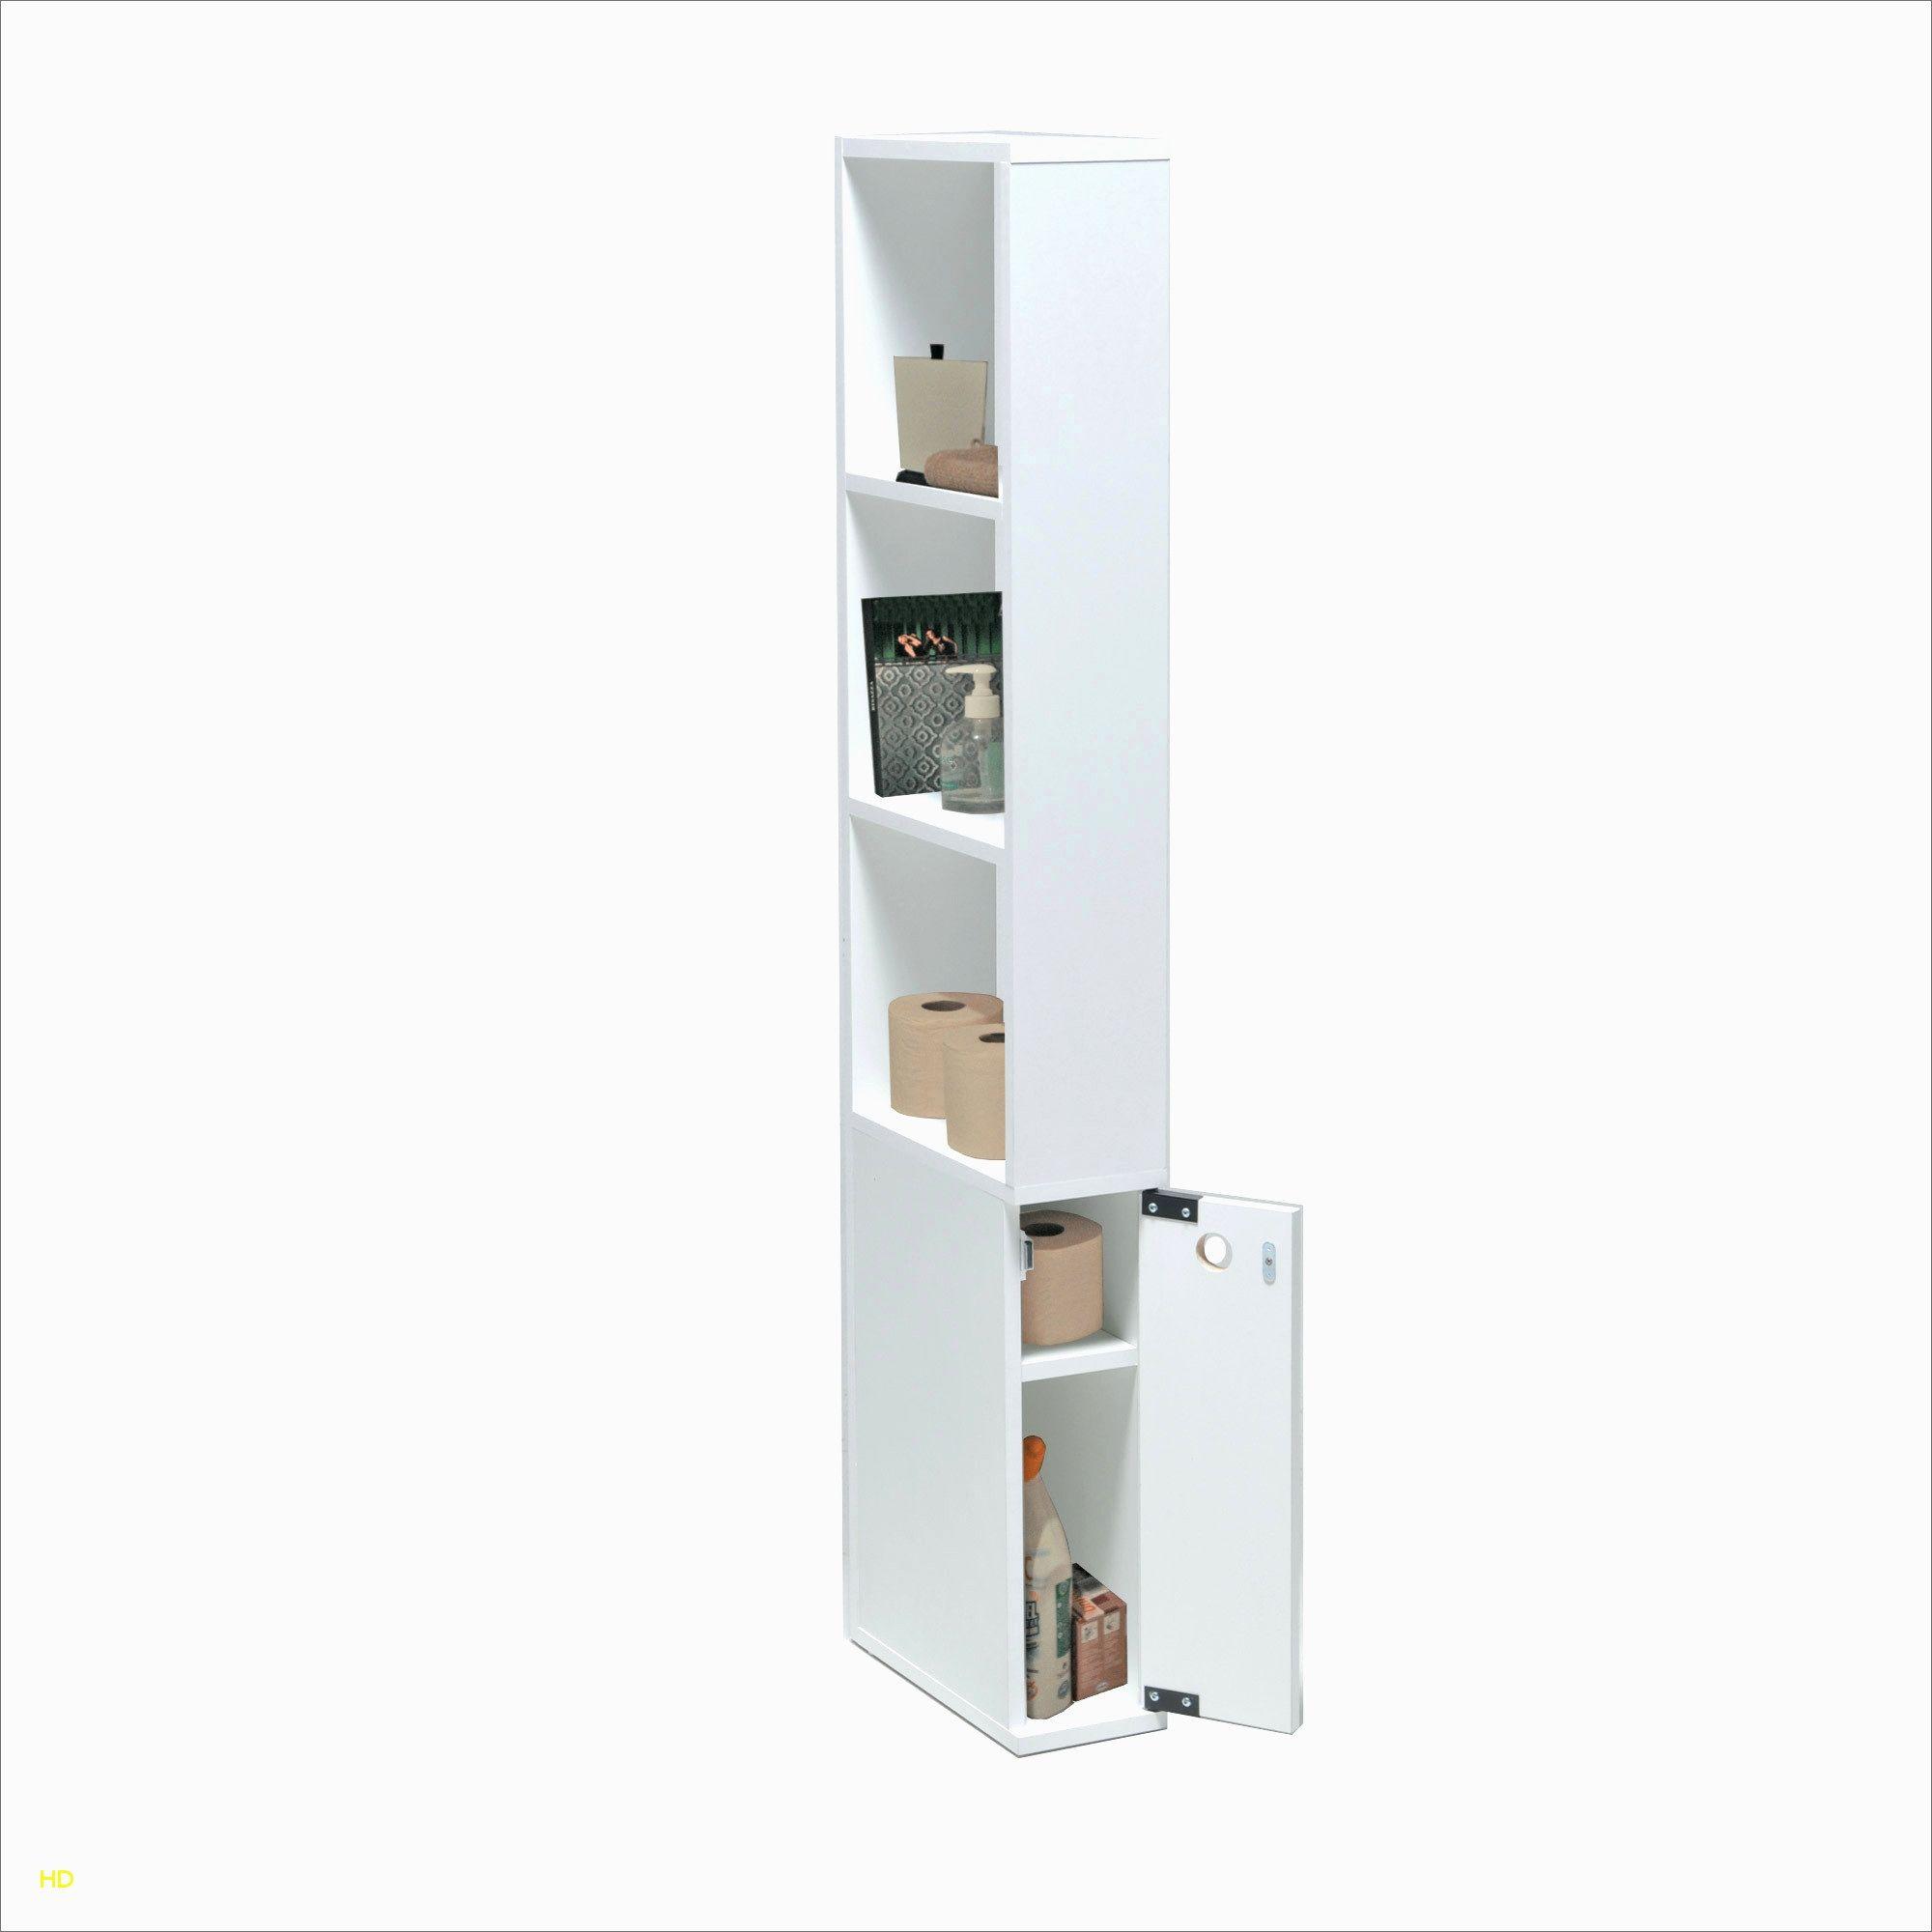 Meuble Colonne Ikea Ideas Mobilier De Salon Meuble Colonne Ikea Armoire Rangement